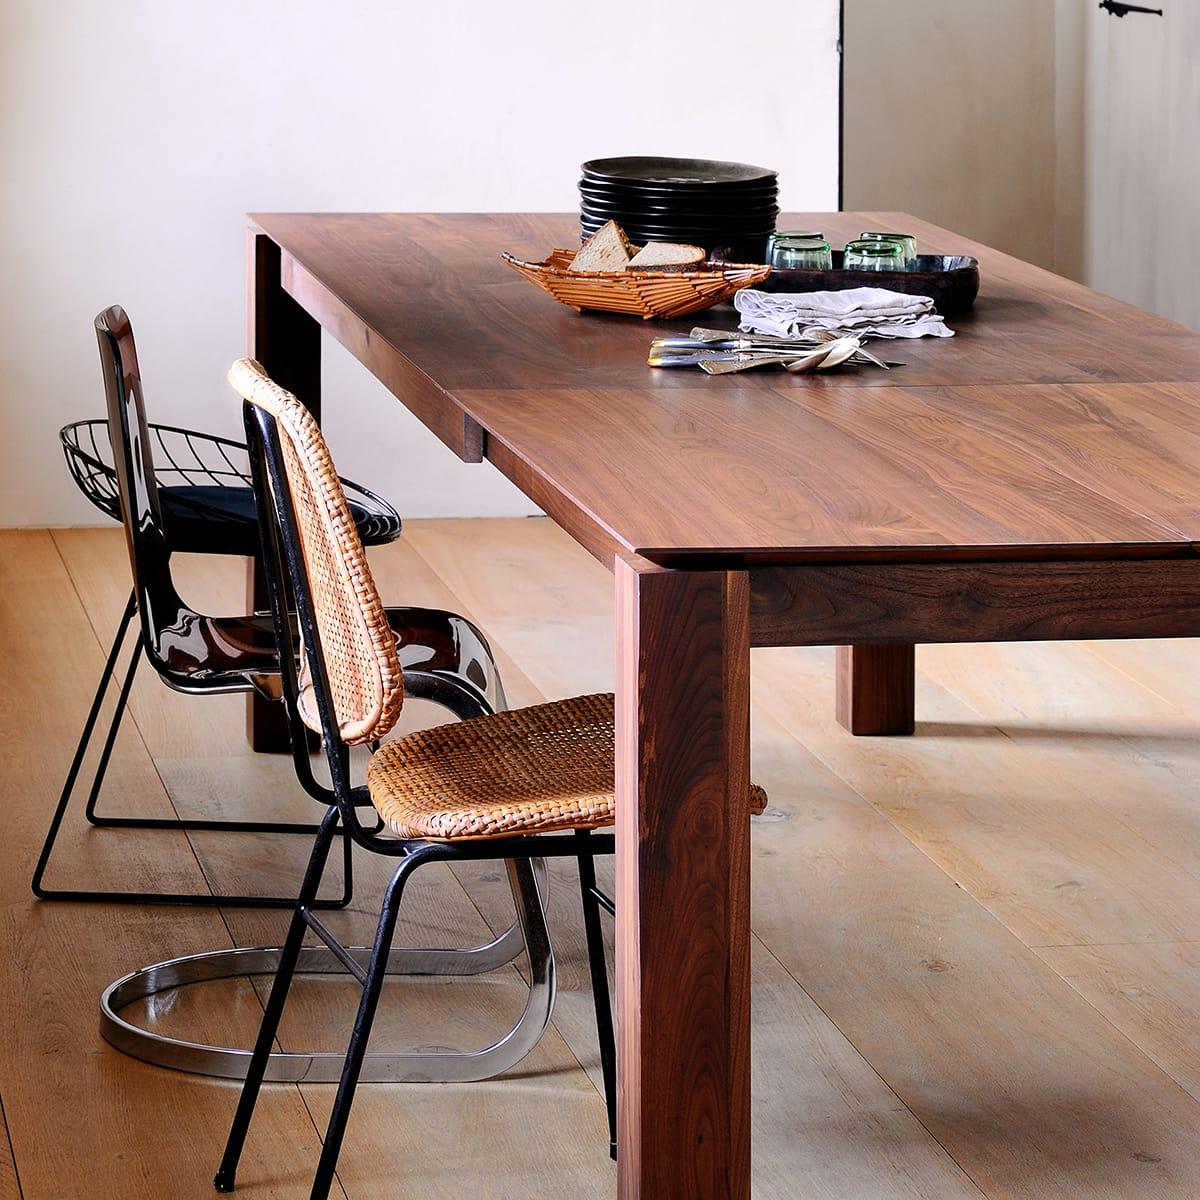 a3496ed85f6d Tables Archives - GIR